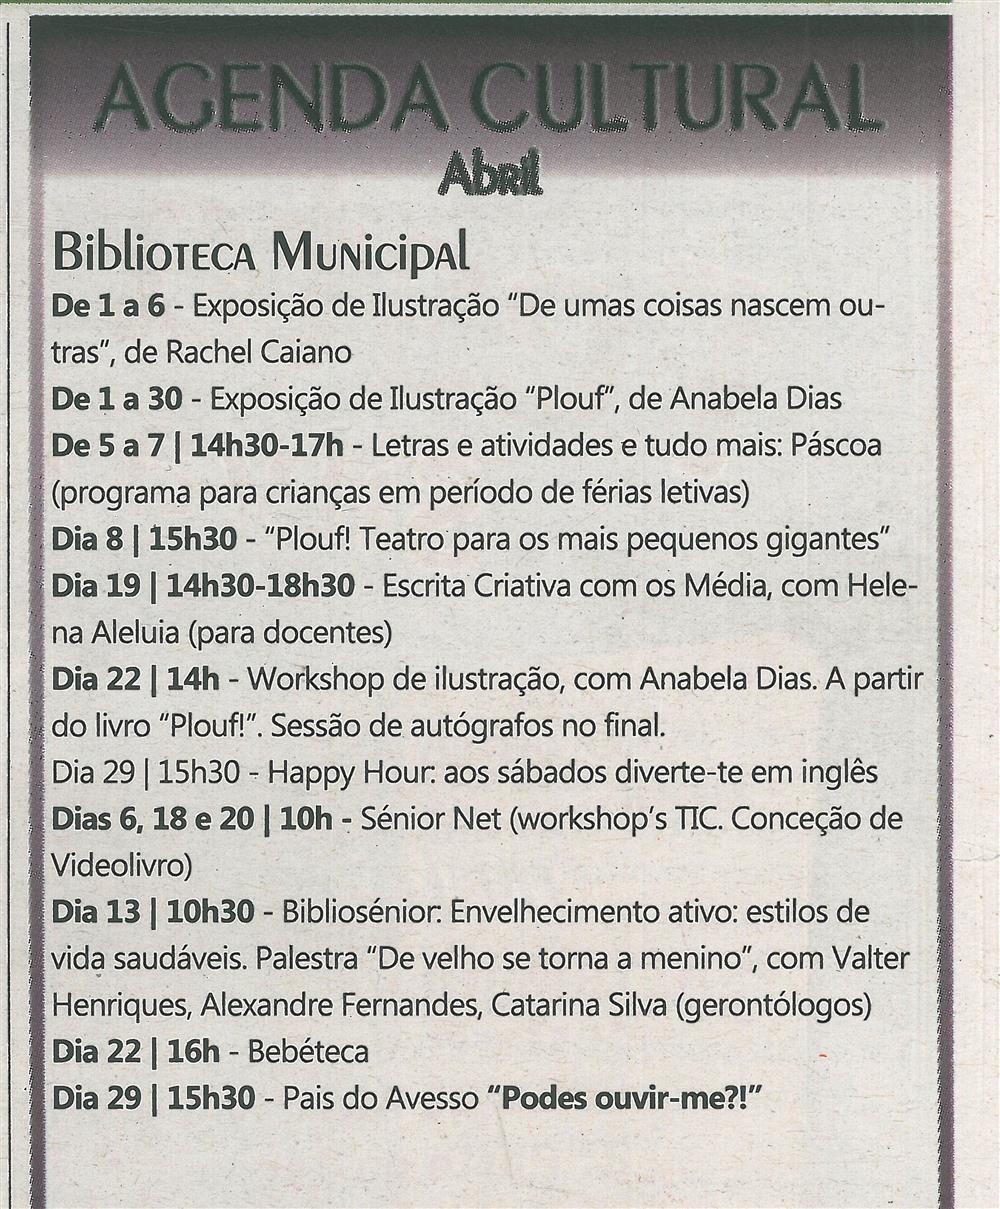 TV-abr.'17-p.15-Biblioteca Municipal : Agenda Cultural : abril.jpg